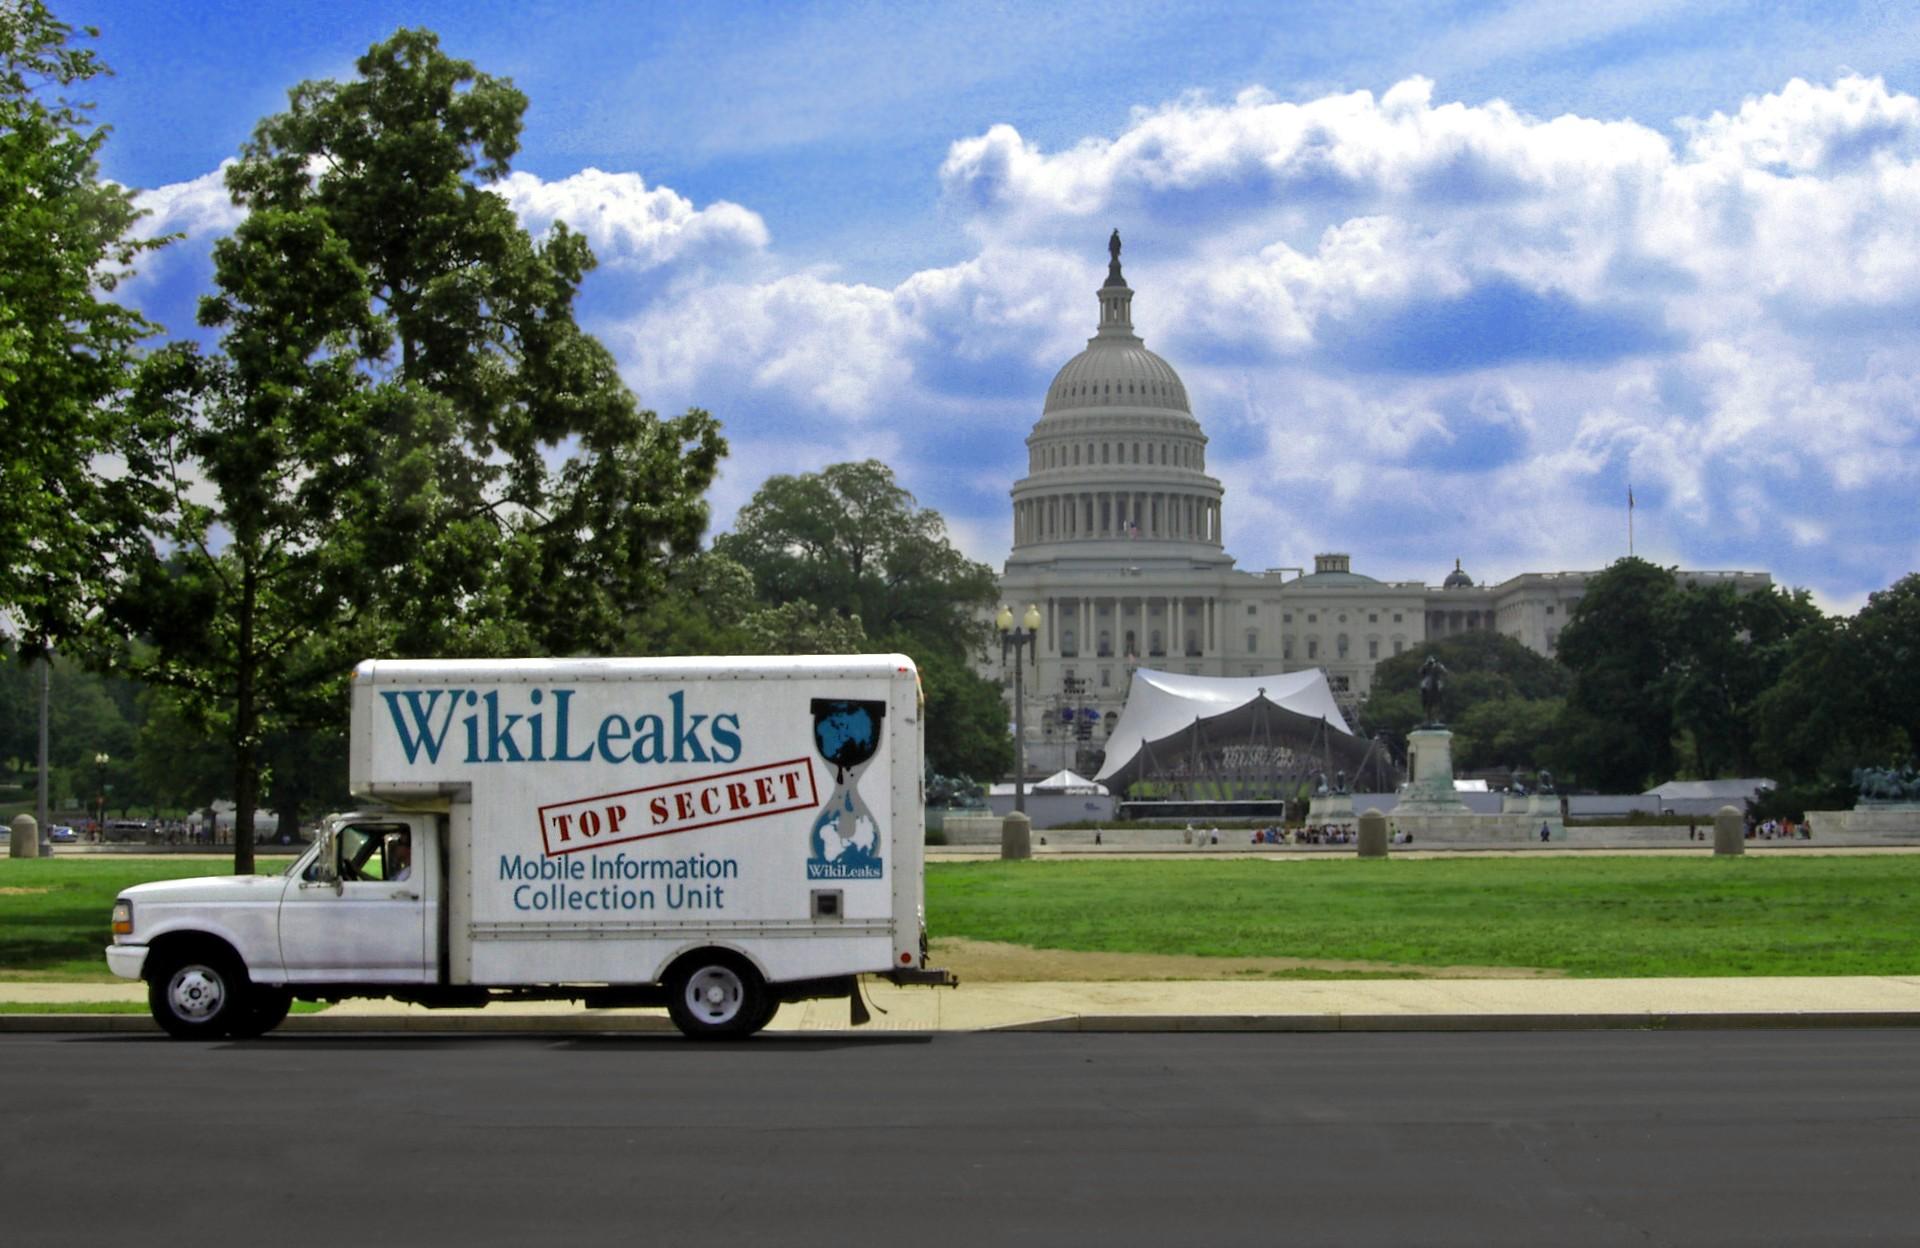 WikiLeaks publica material inédito sobre software de espionagem governamental